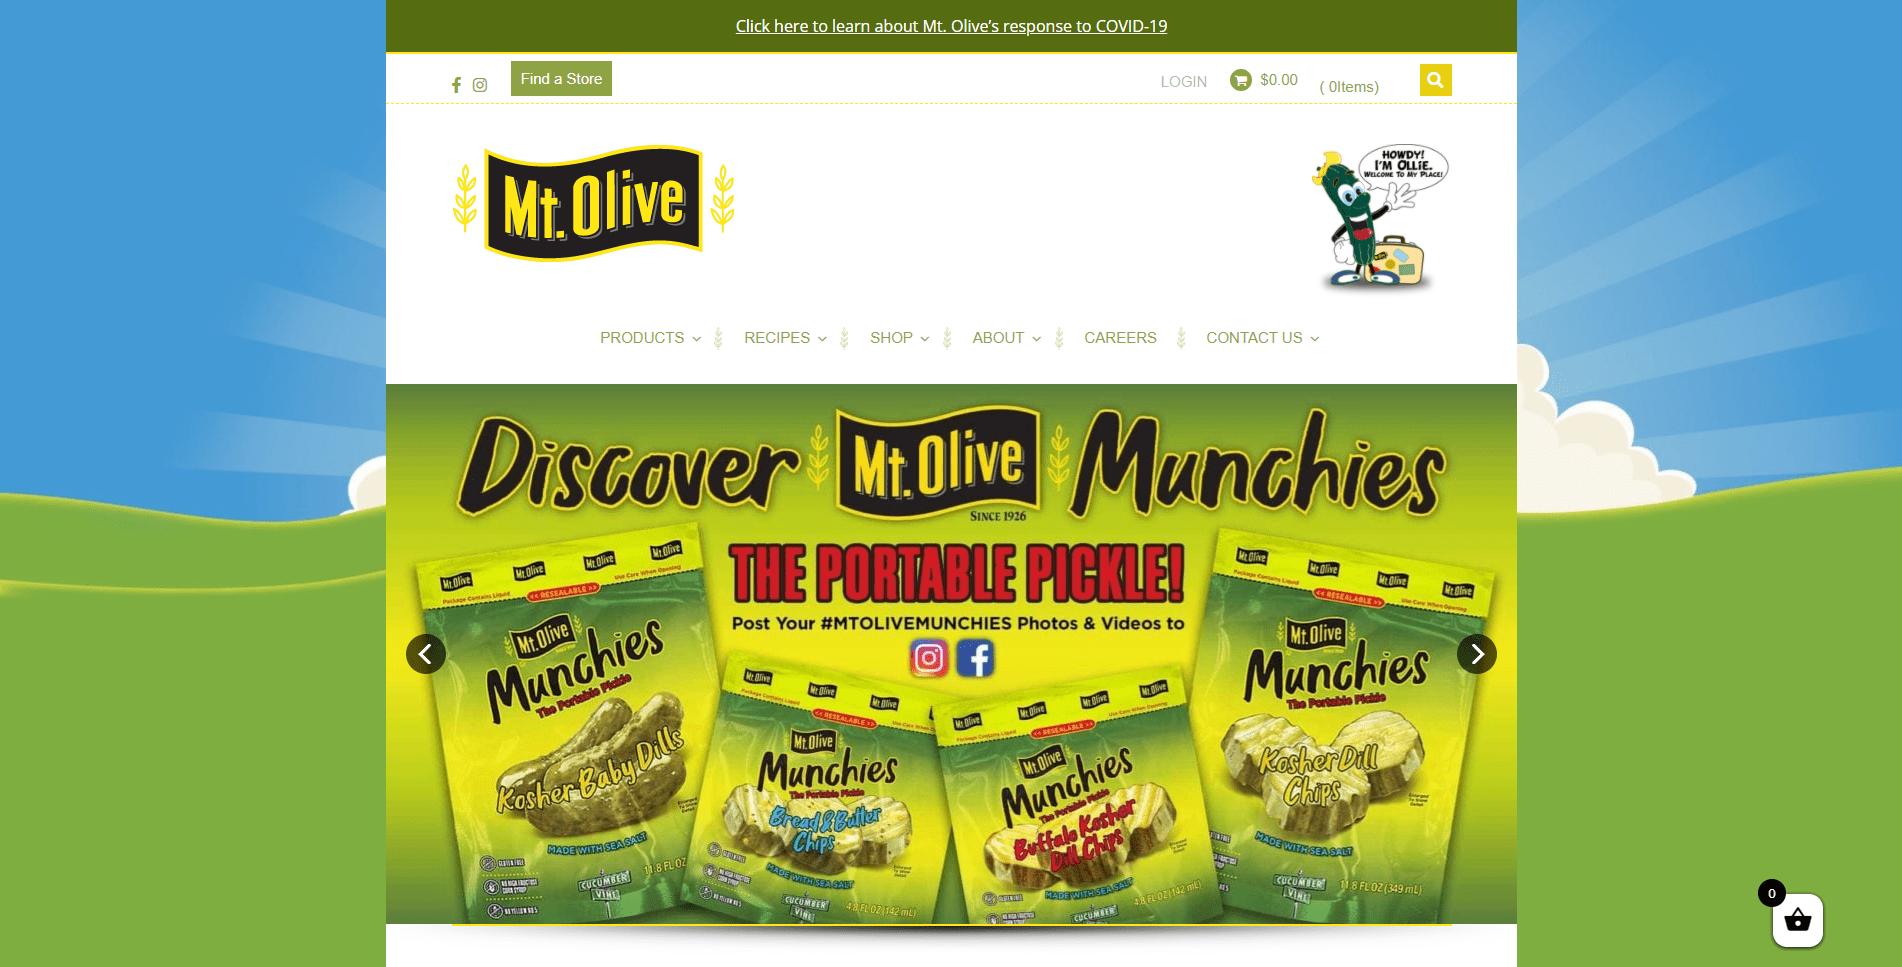 Mt. Olive Pickles Homepage